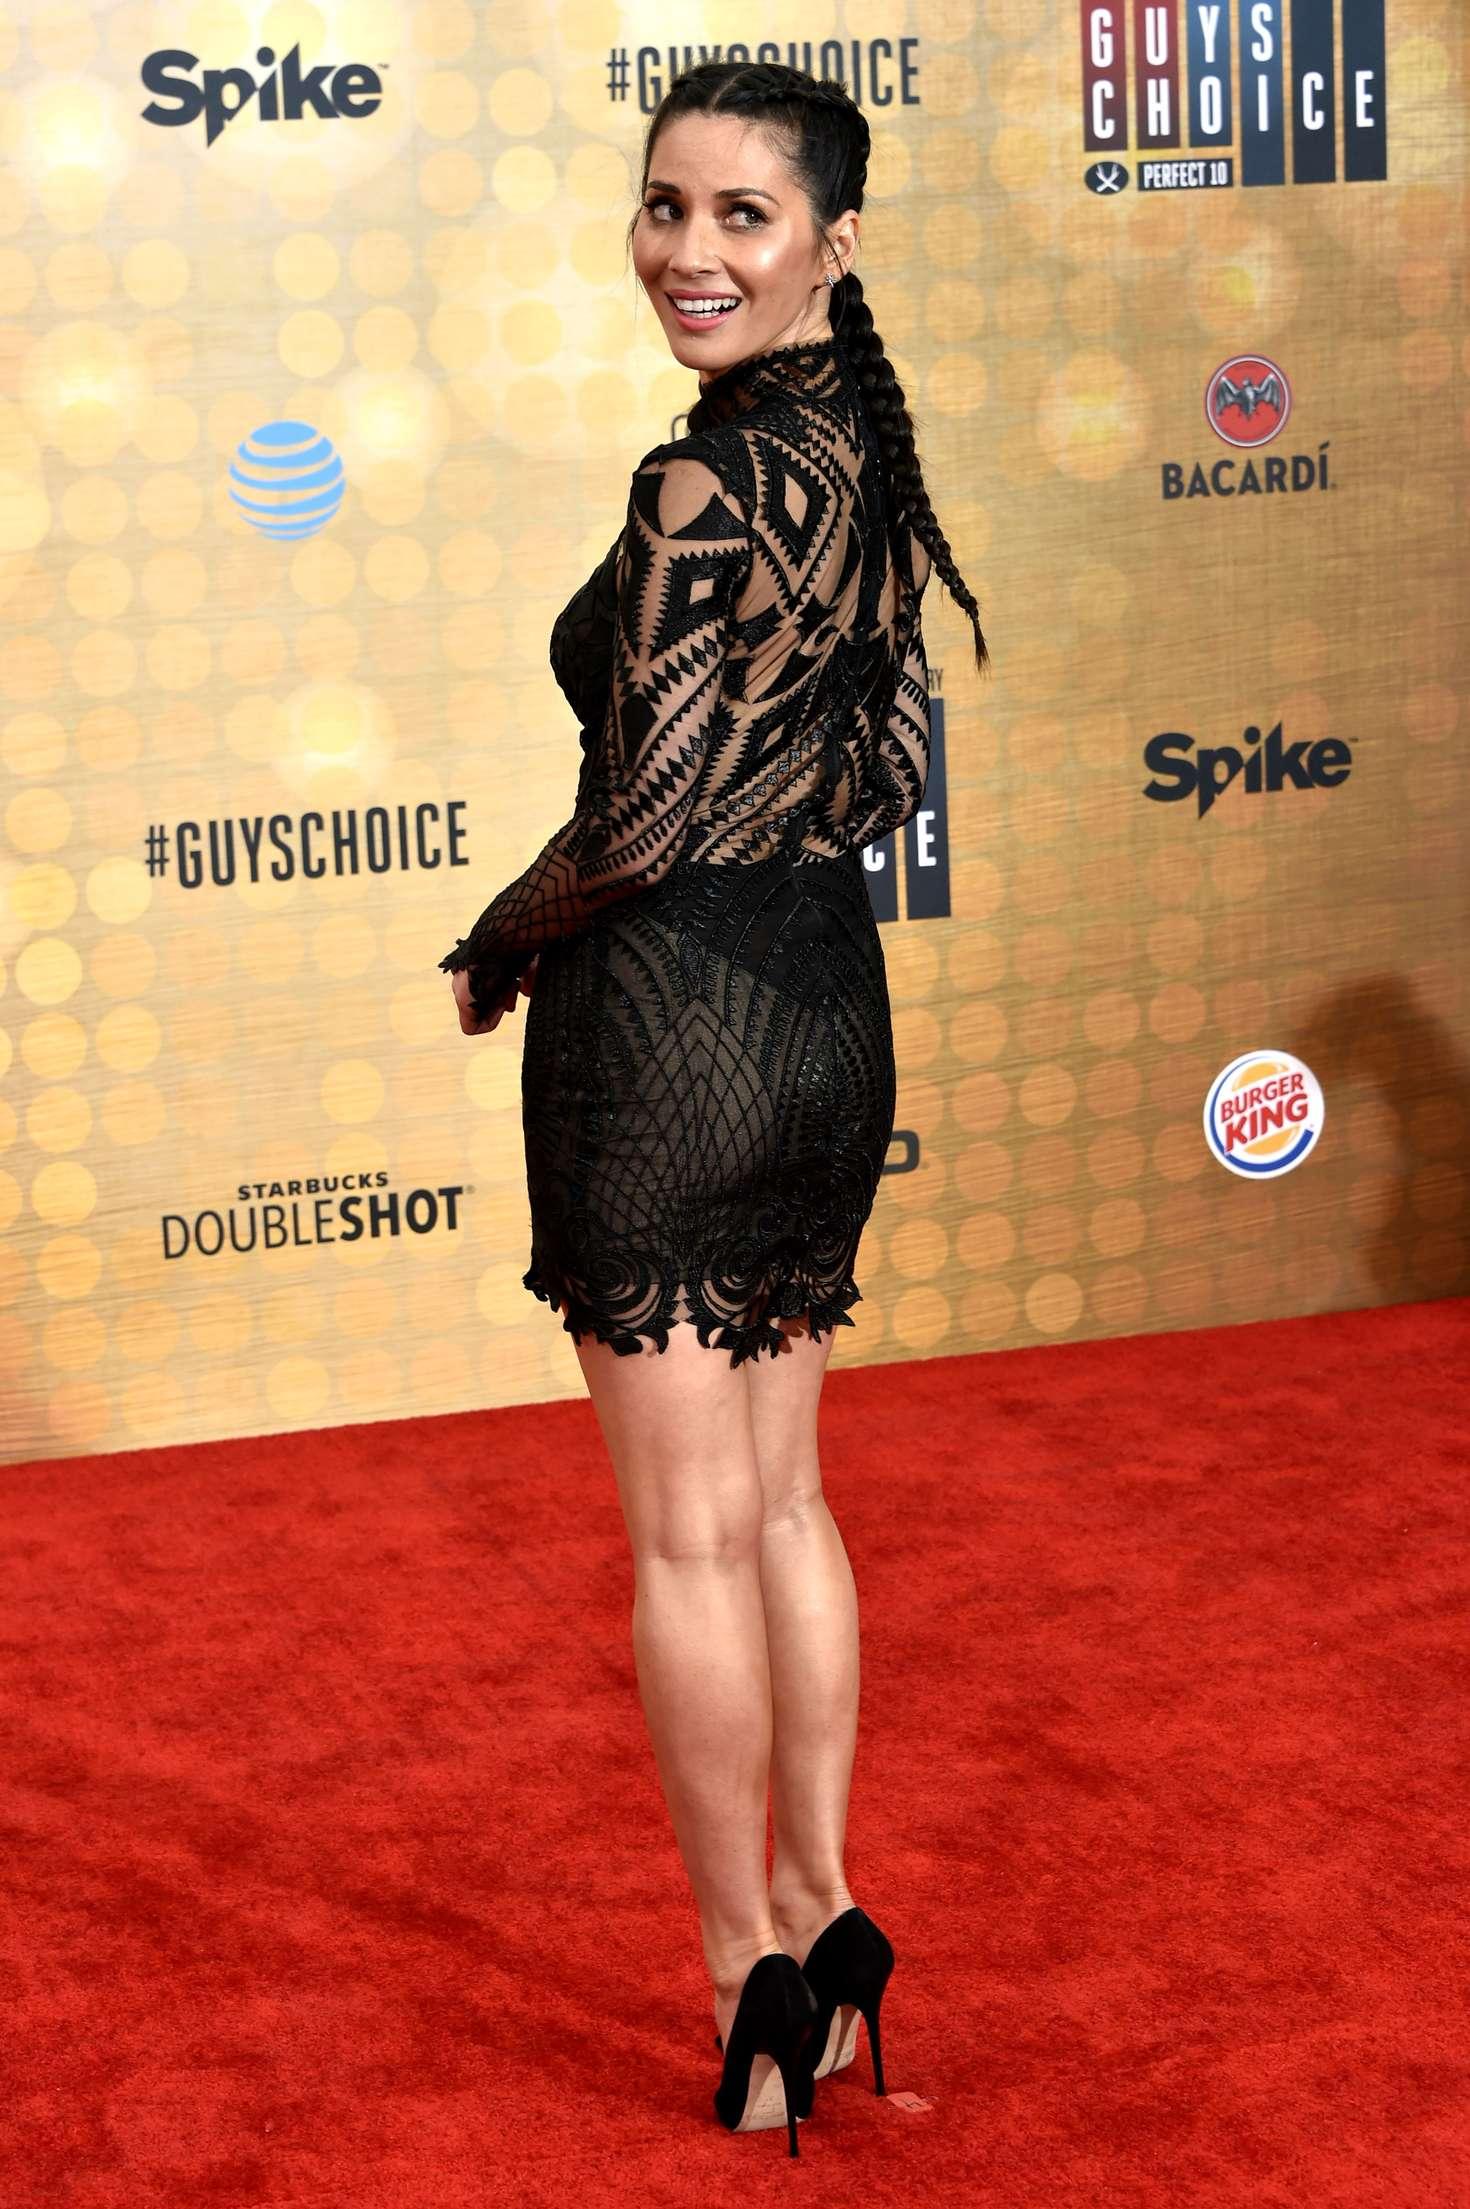 Lindsay Lohan Nude Pics and Videos - - Top